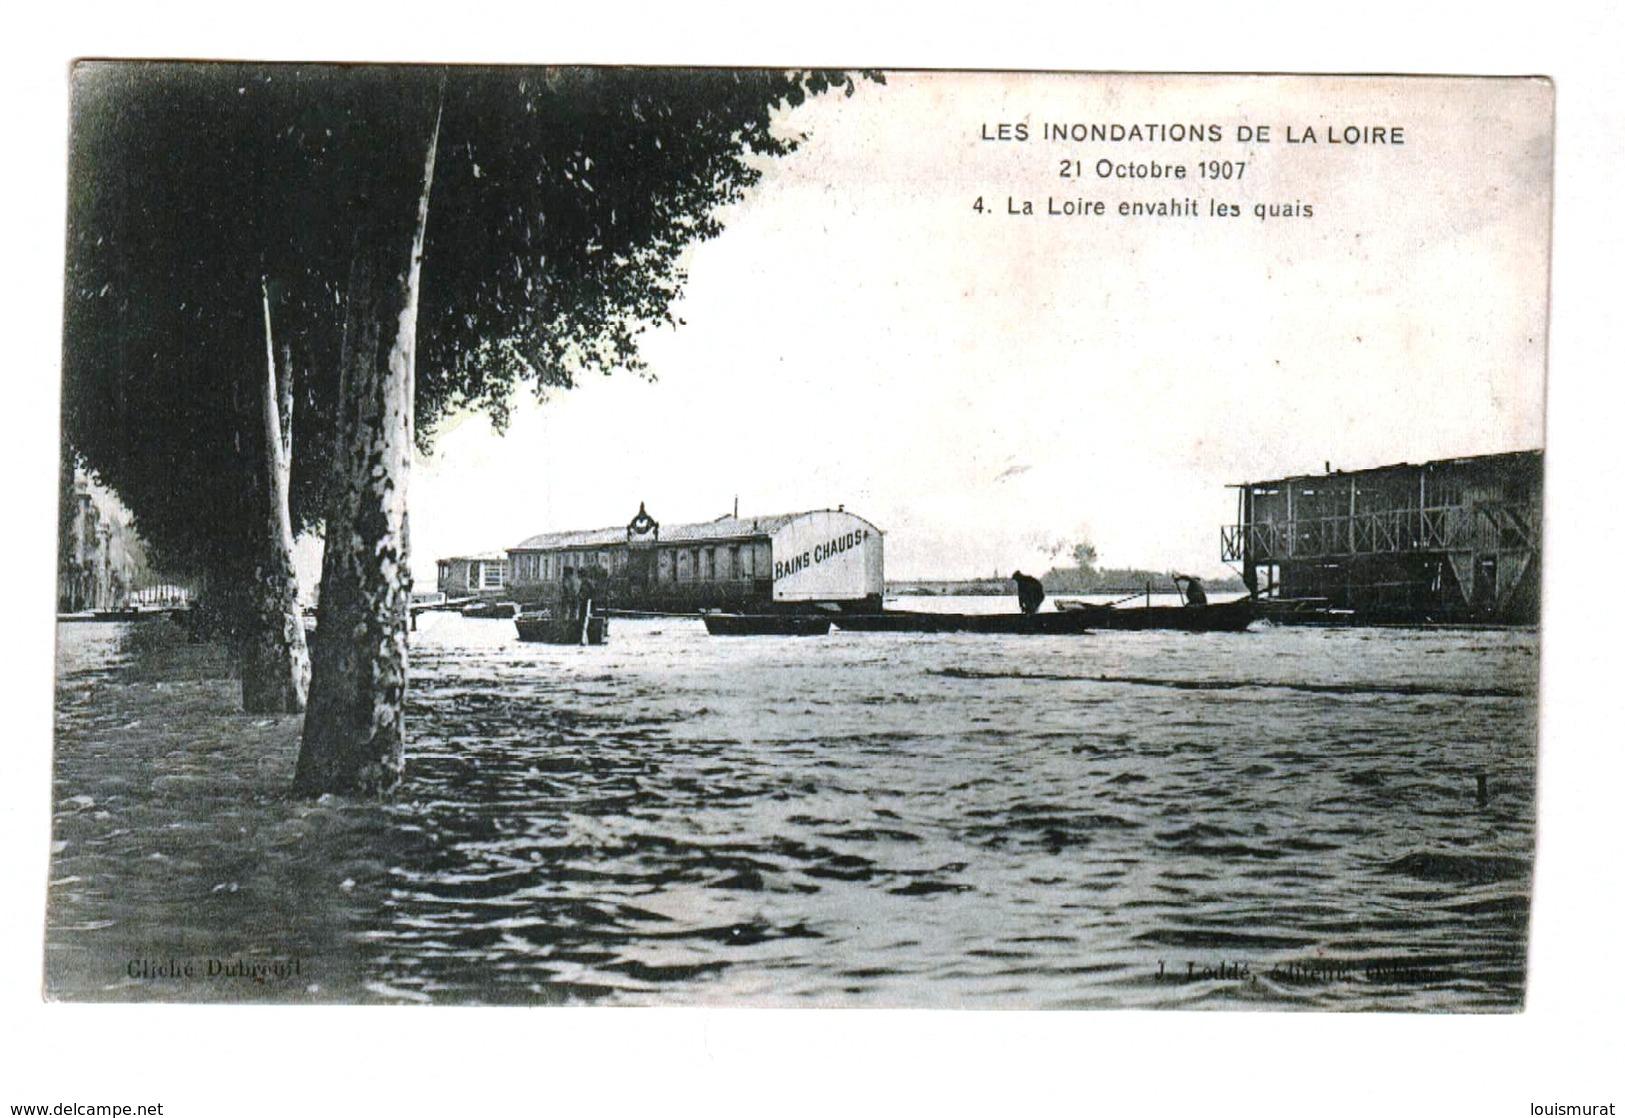 45 - Orléans - Les Inondations De La Loire - 21 Octobre 1907 - La Loire Envahit Les Quais - Non Classés